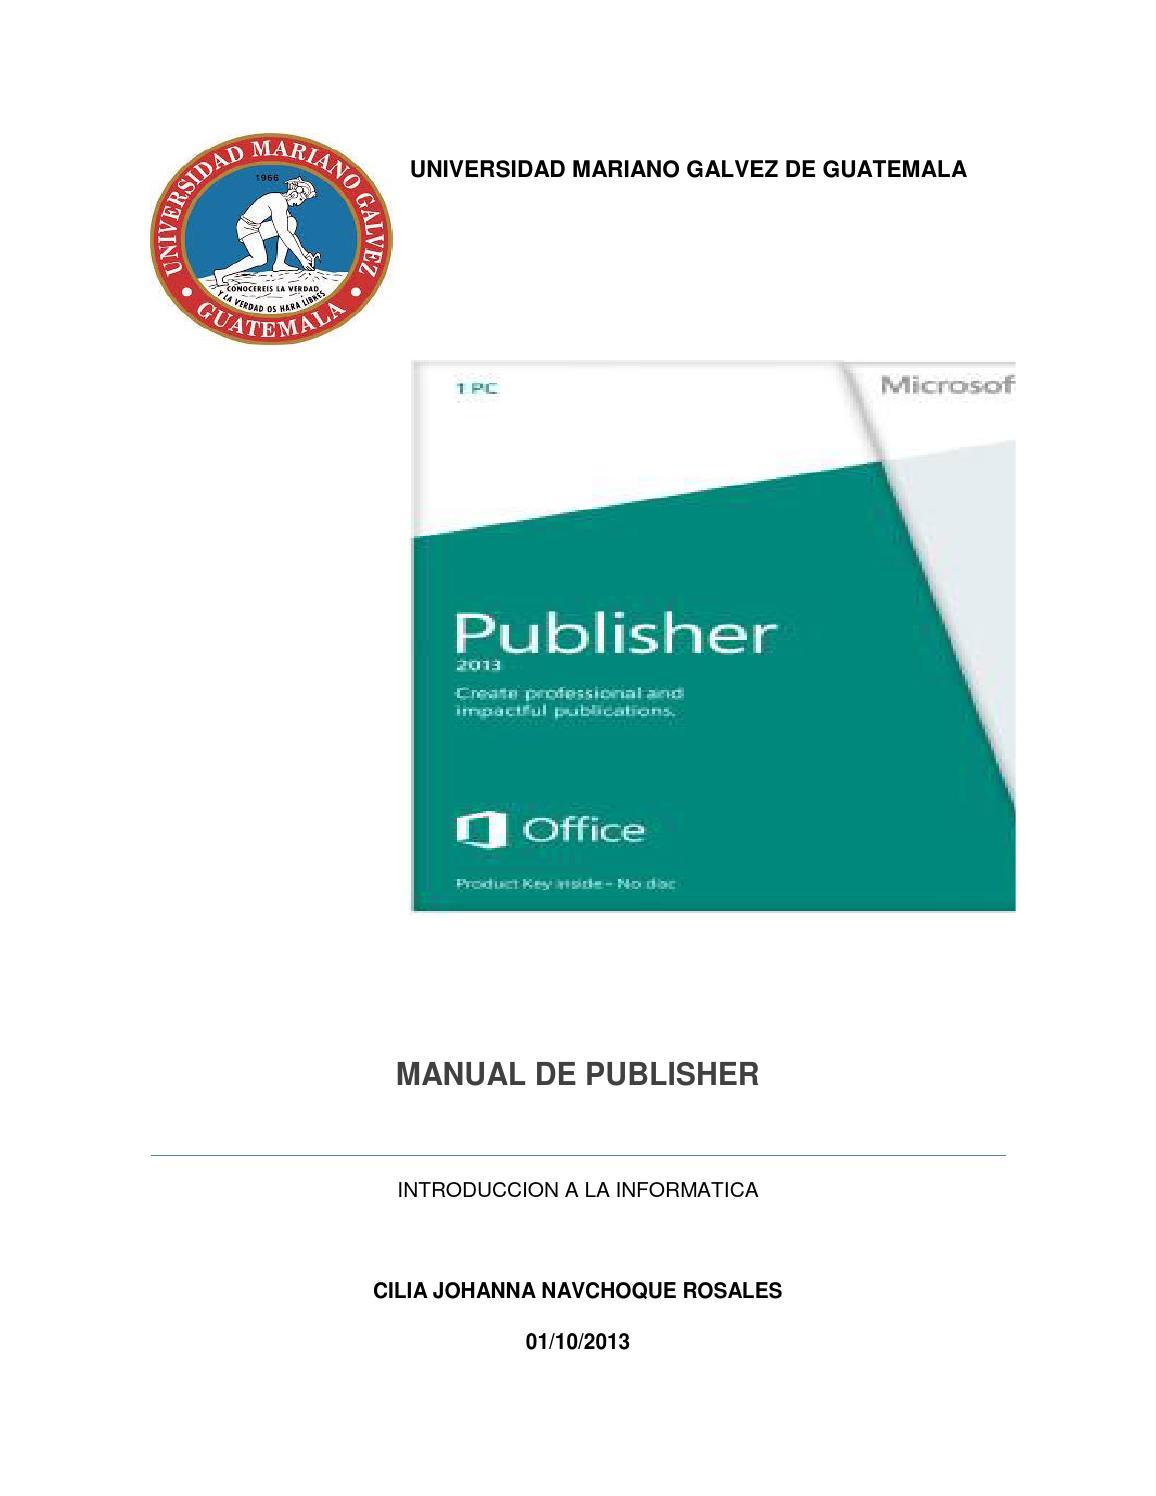 Manual de publisher by Cilia Navichoque - issuu